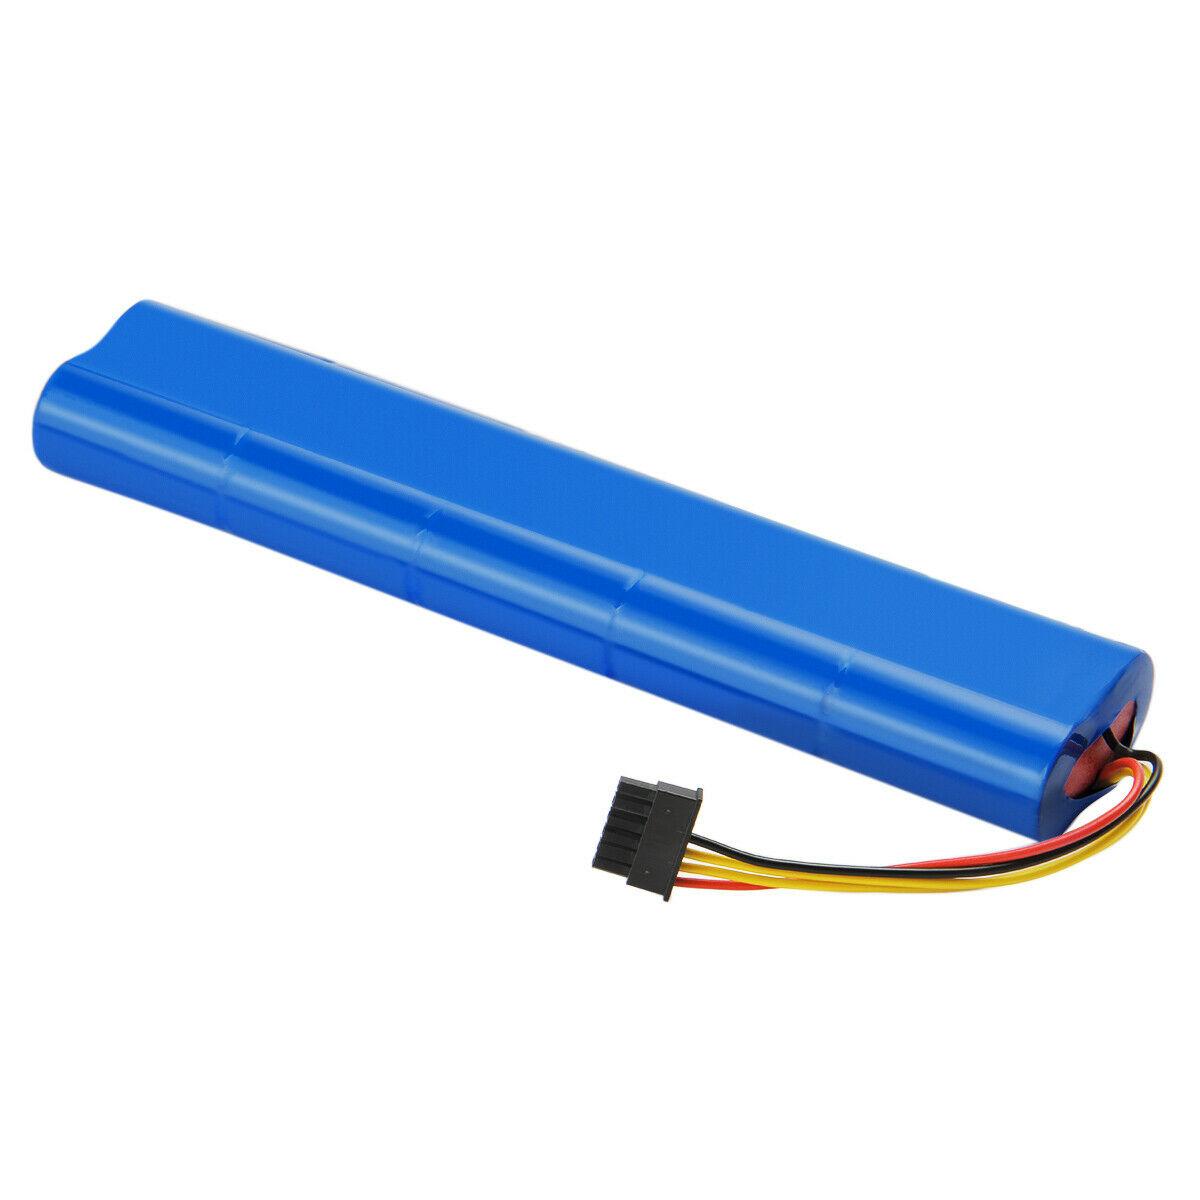 Batterie 4500mAh 12V Ni-MH Neato Botvac 75D, 80D, 85D, 70 , 70e, 75,80,85(compatible)